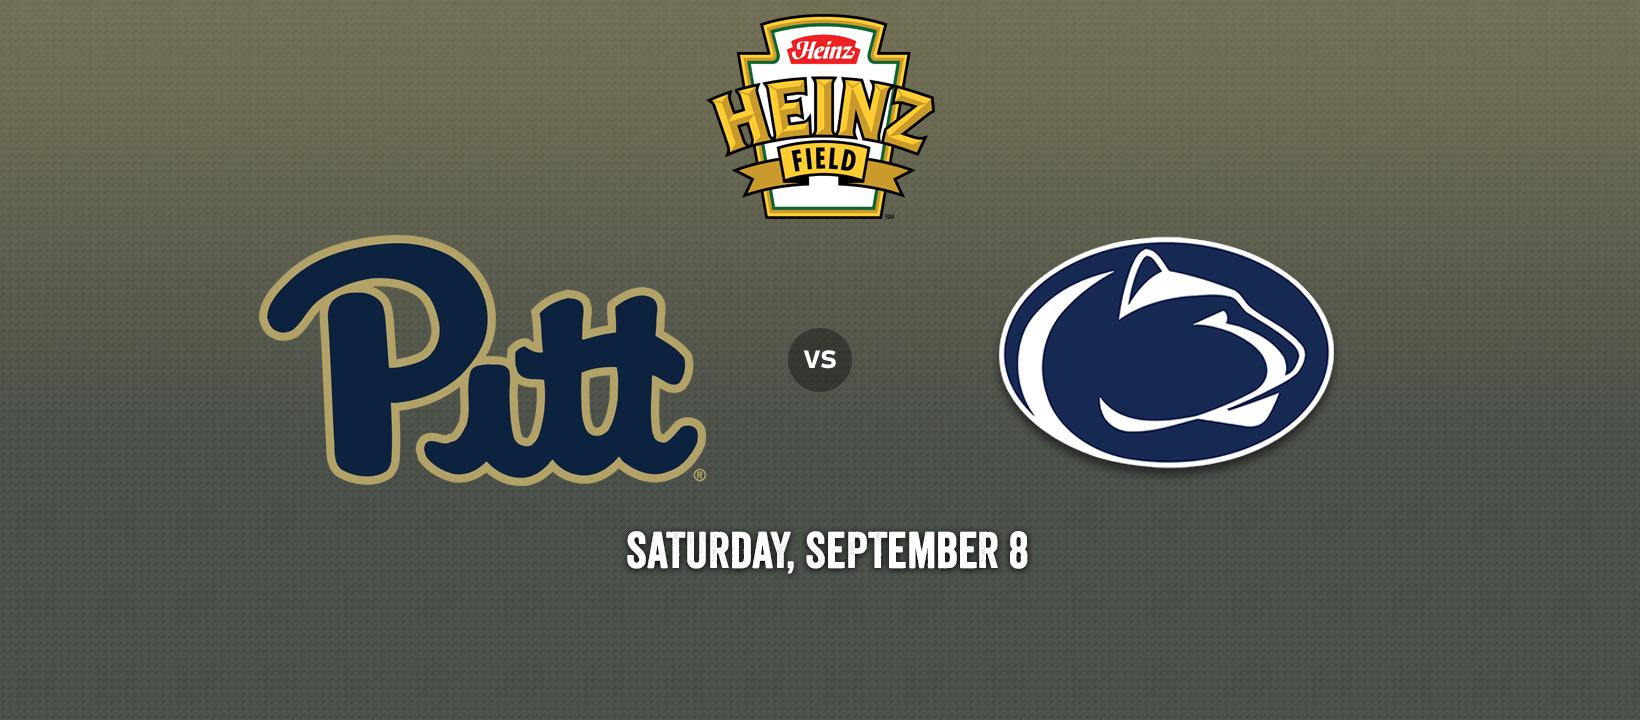 2018 Pitt vs. Penn State